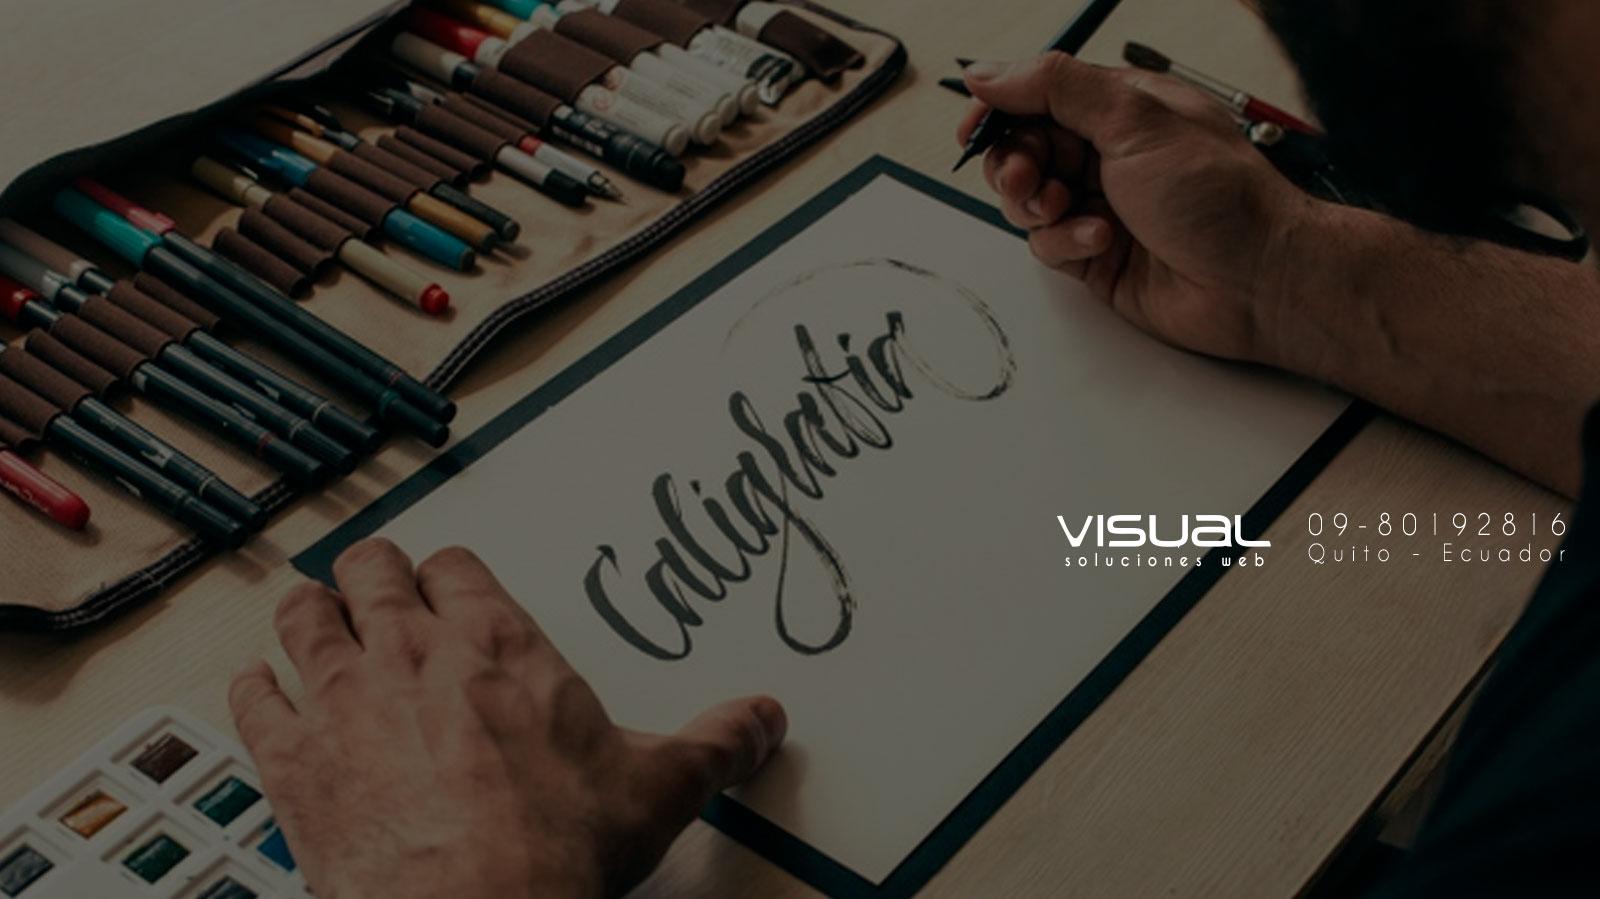 ilustracion-profesional-quito